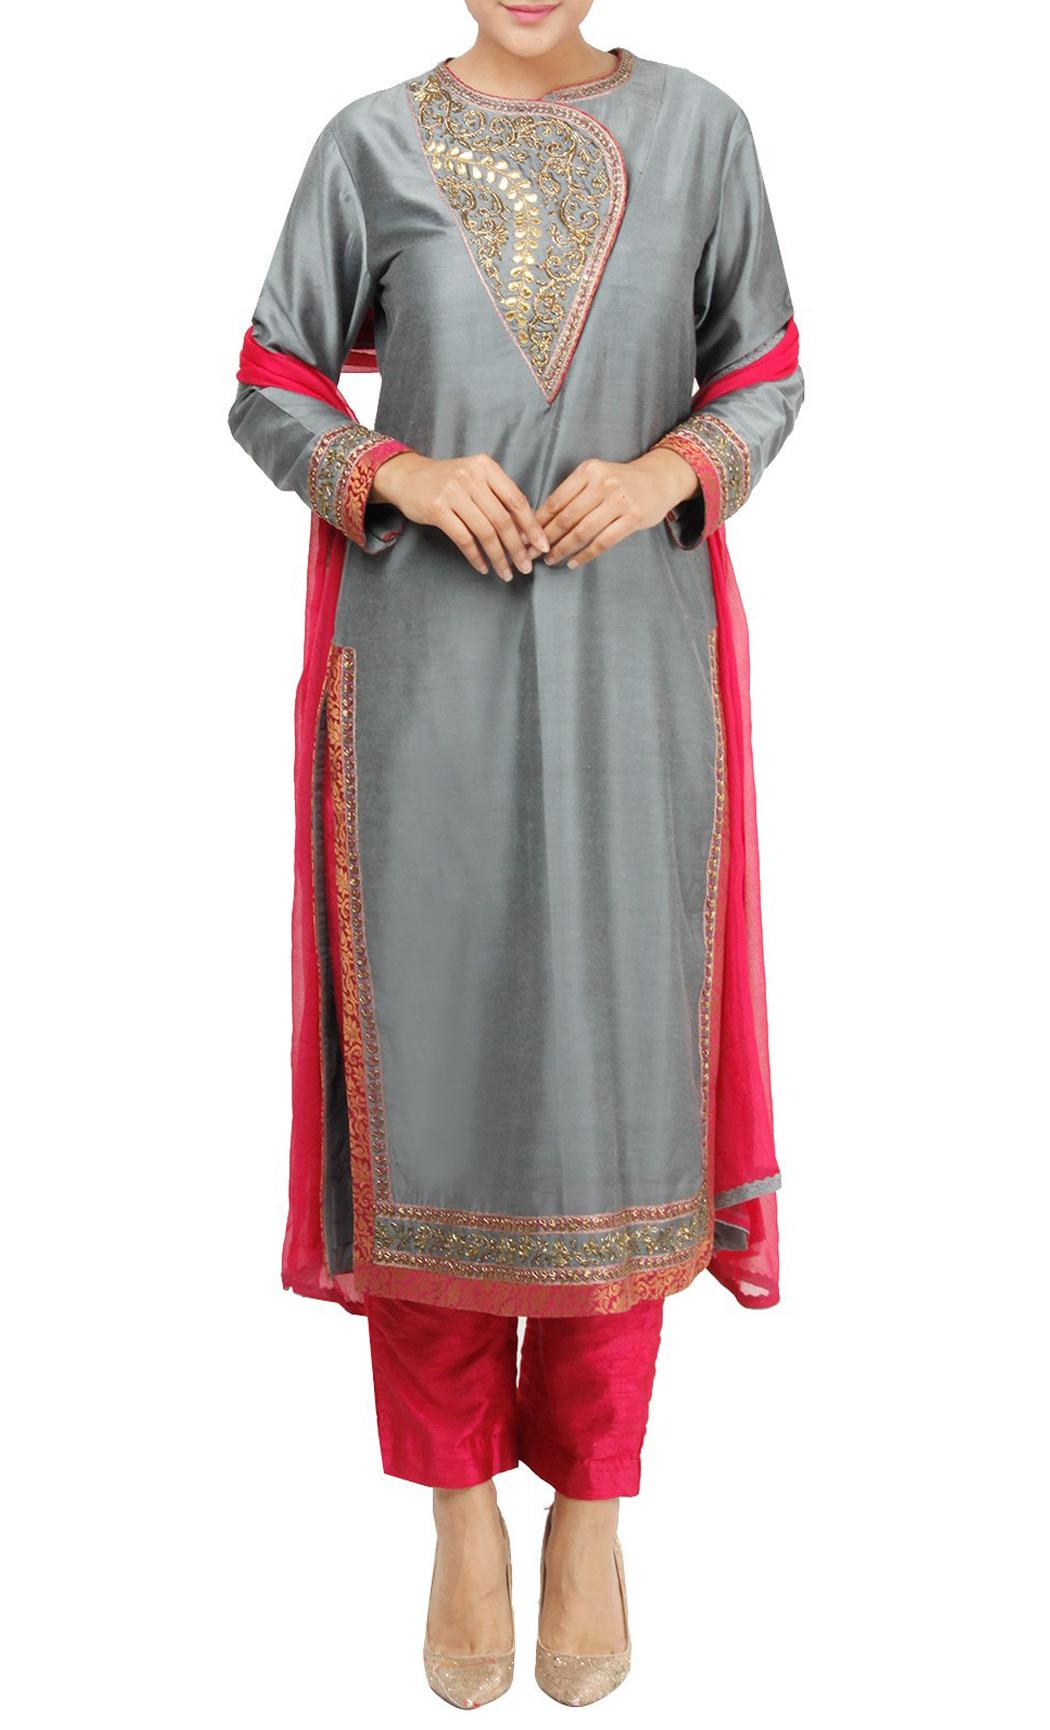 Grey and Red Silk Embroidered Salwar Kameez Set - Buy Online